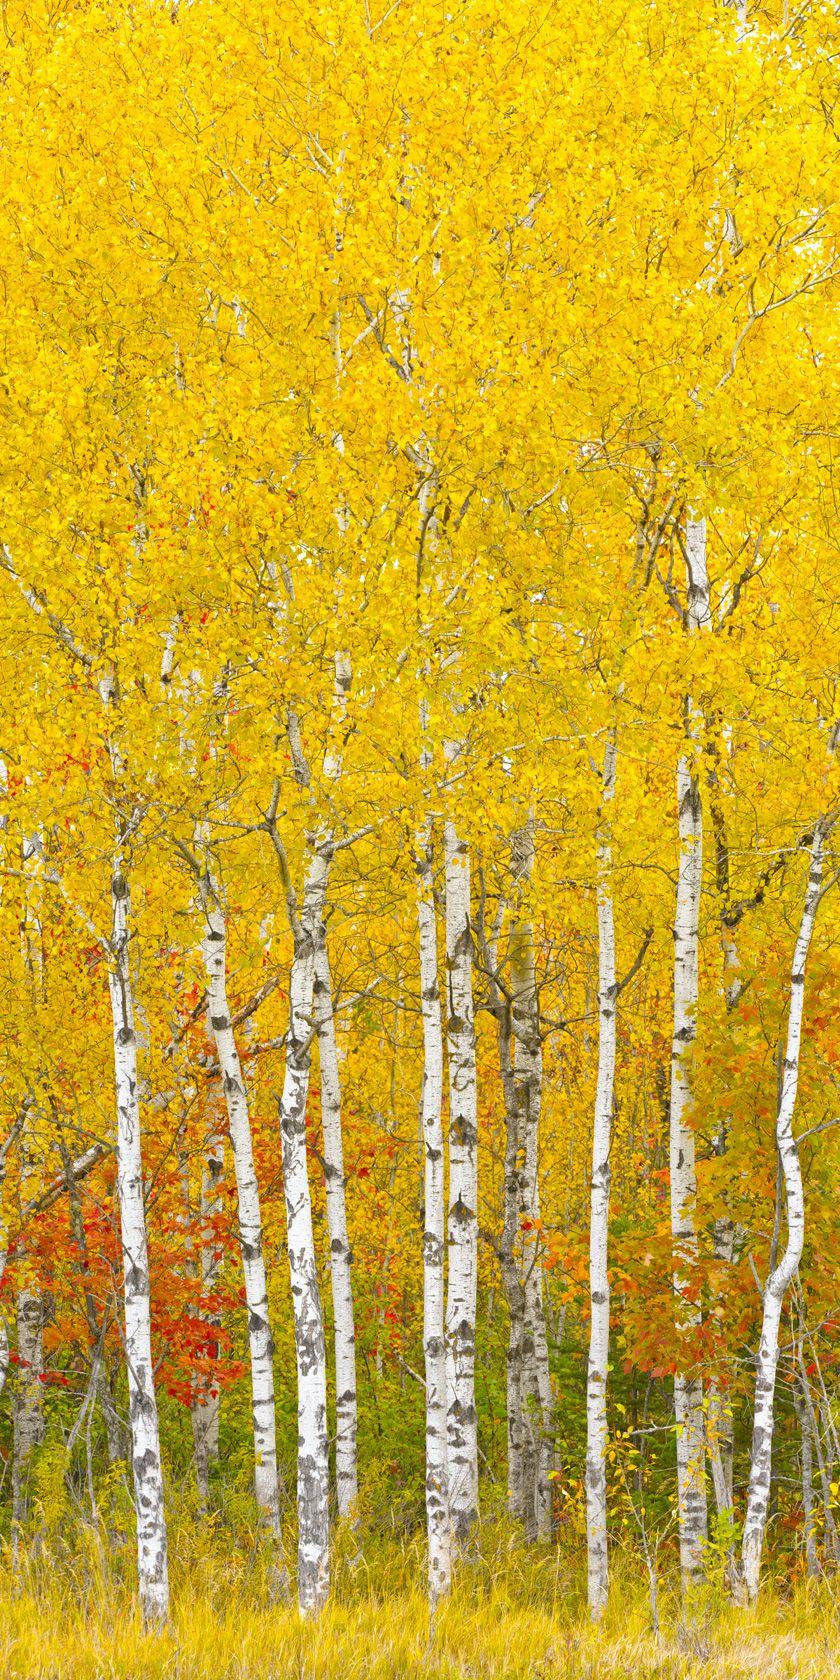 12 Species of Birch Trees in the Betula Genus